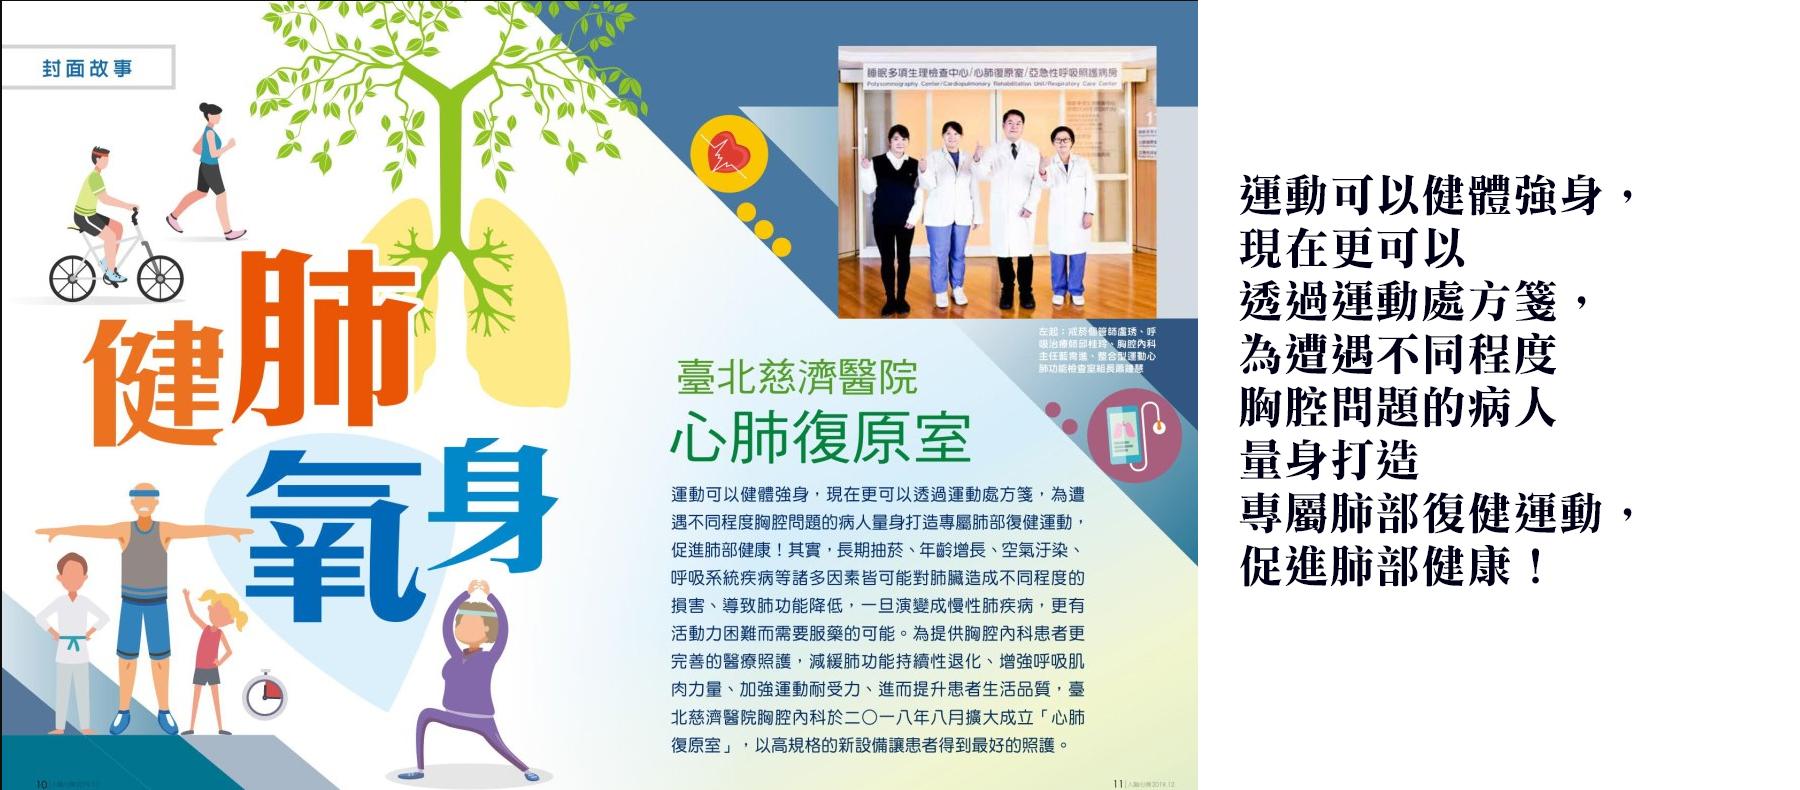 人醫心傳第192期-健肺氧身 臺北慈濟醫院心肺復原室